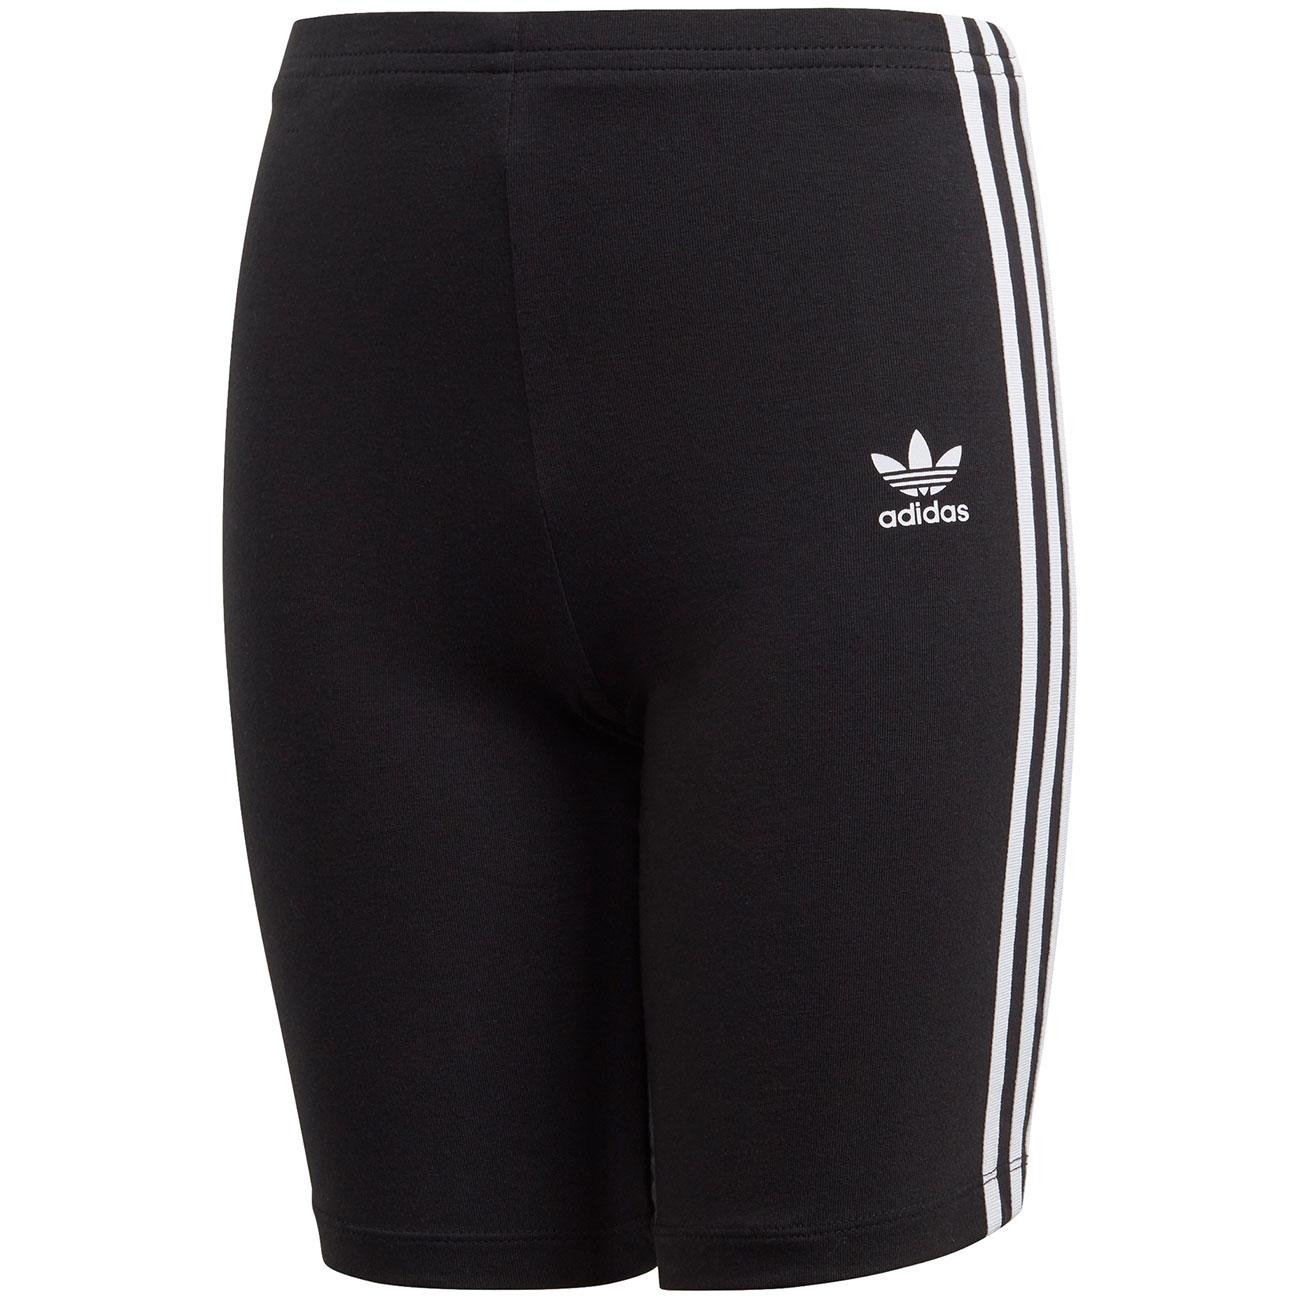 Short Tights Shorts Cycling Shorts Sort Adidas Originals